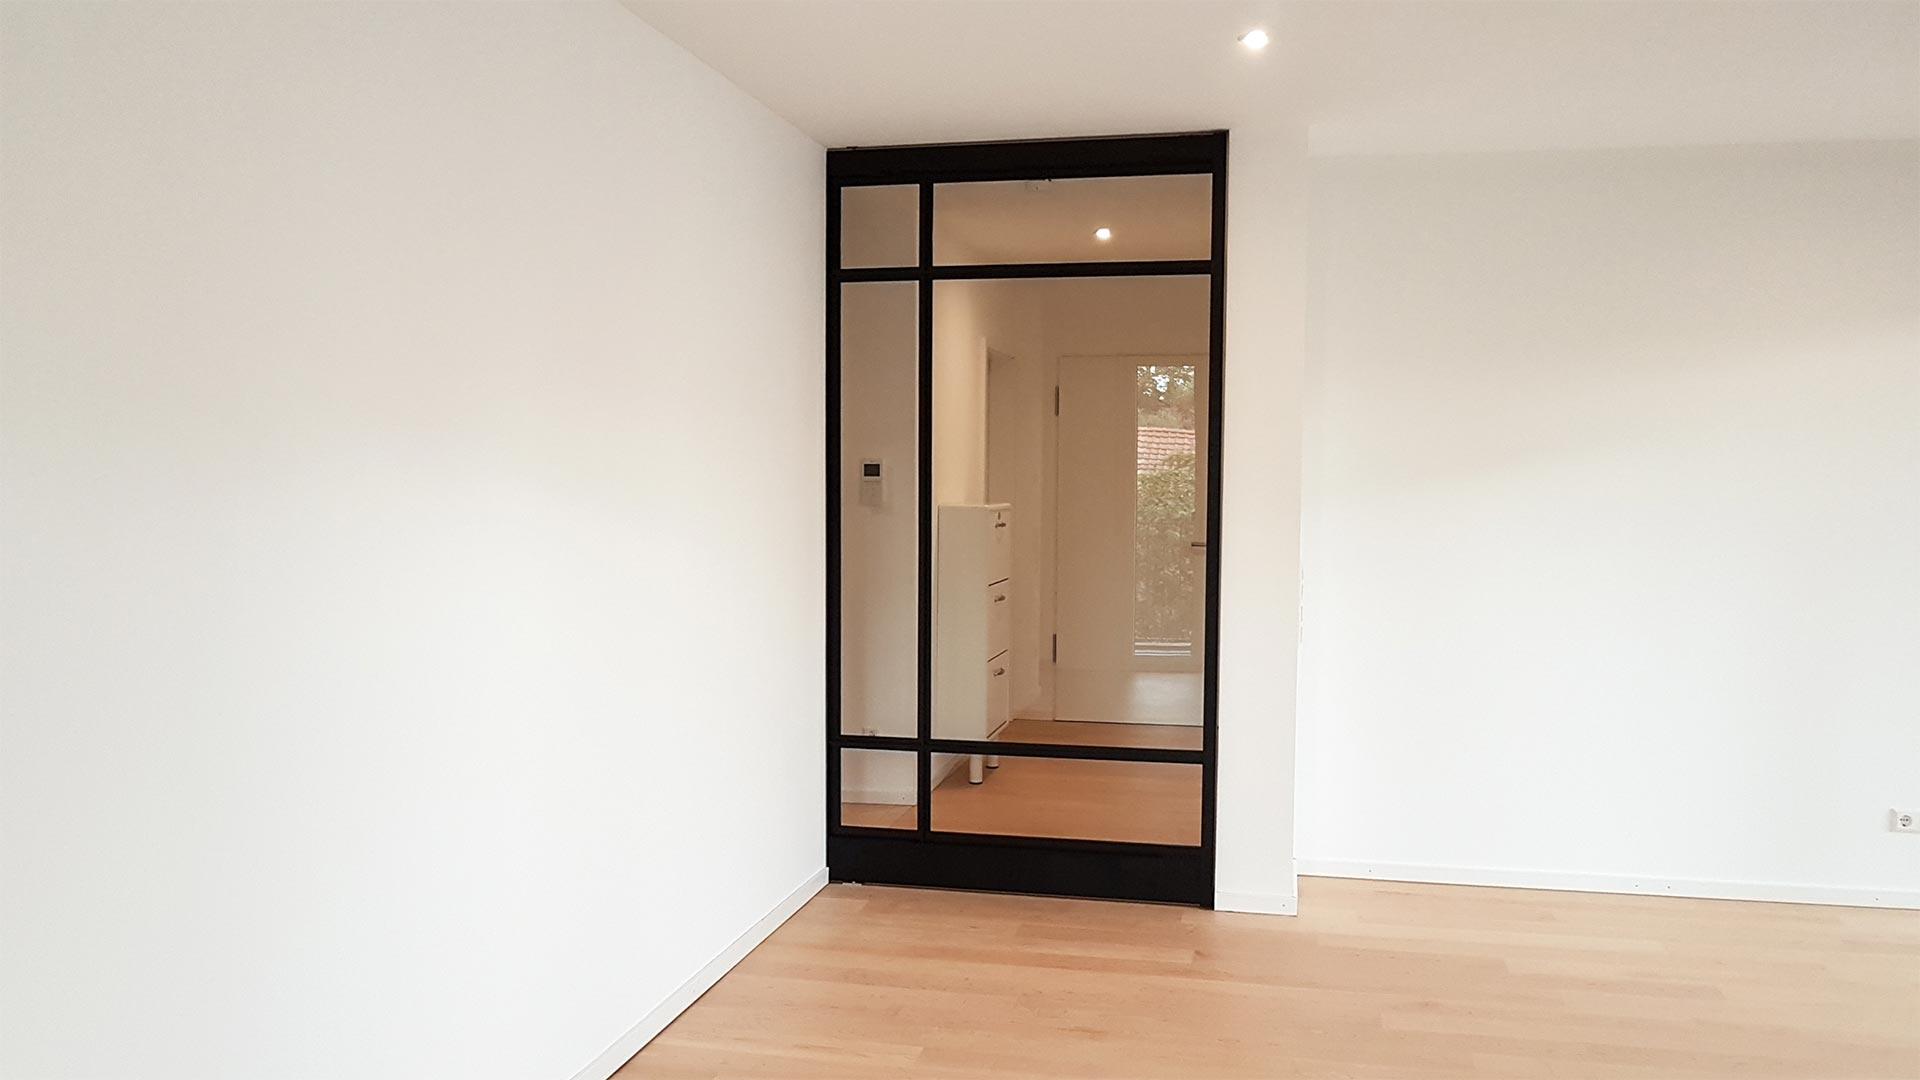 Pivot-Tür mit Glasleisten aus pulverbeschichtetem Stahl geschlossen.